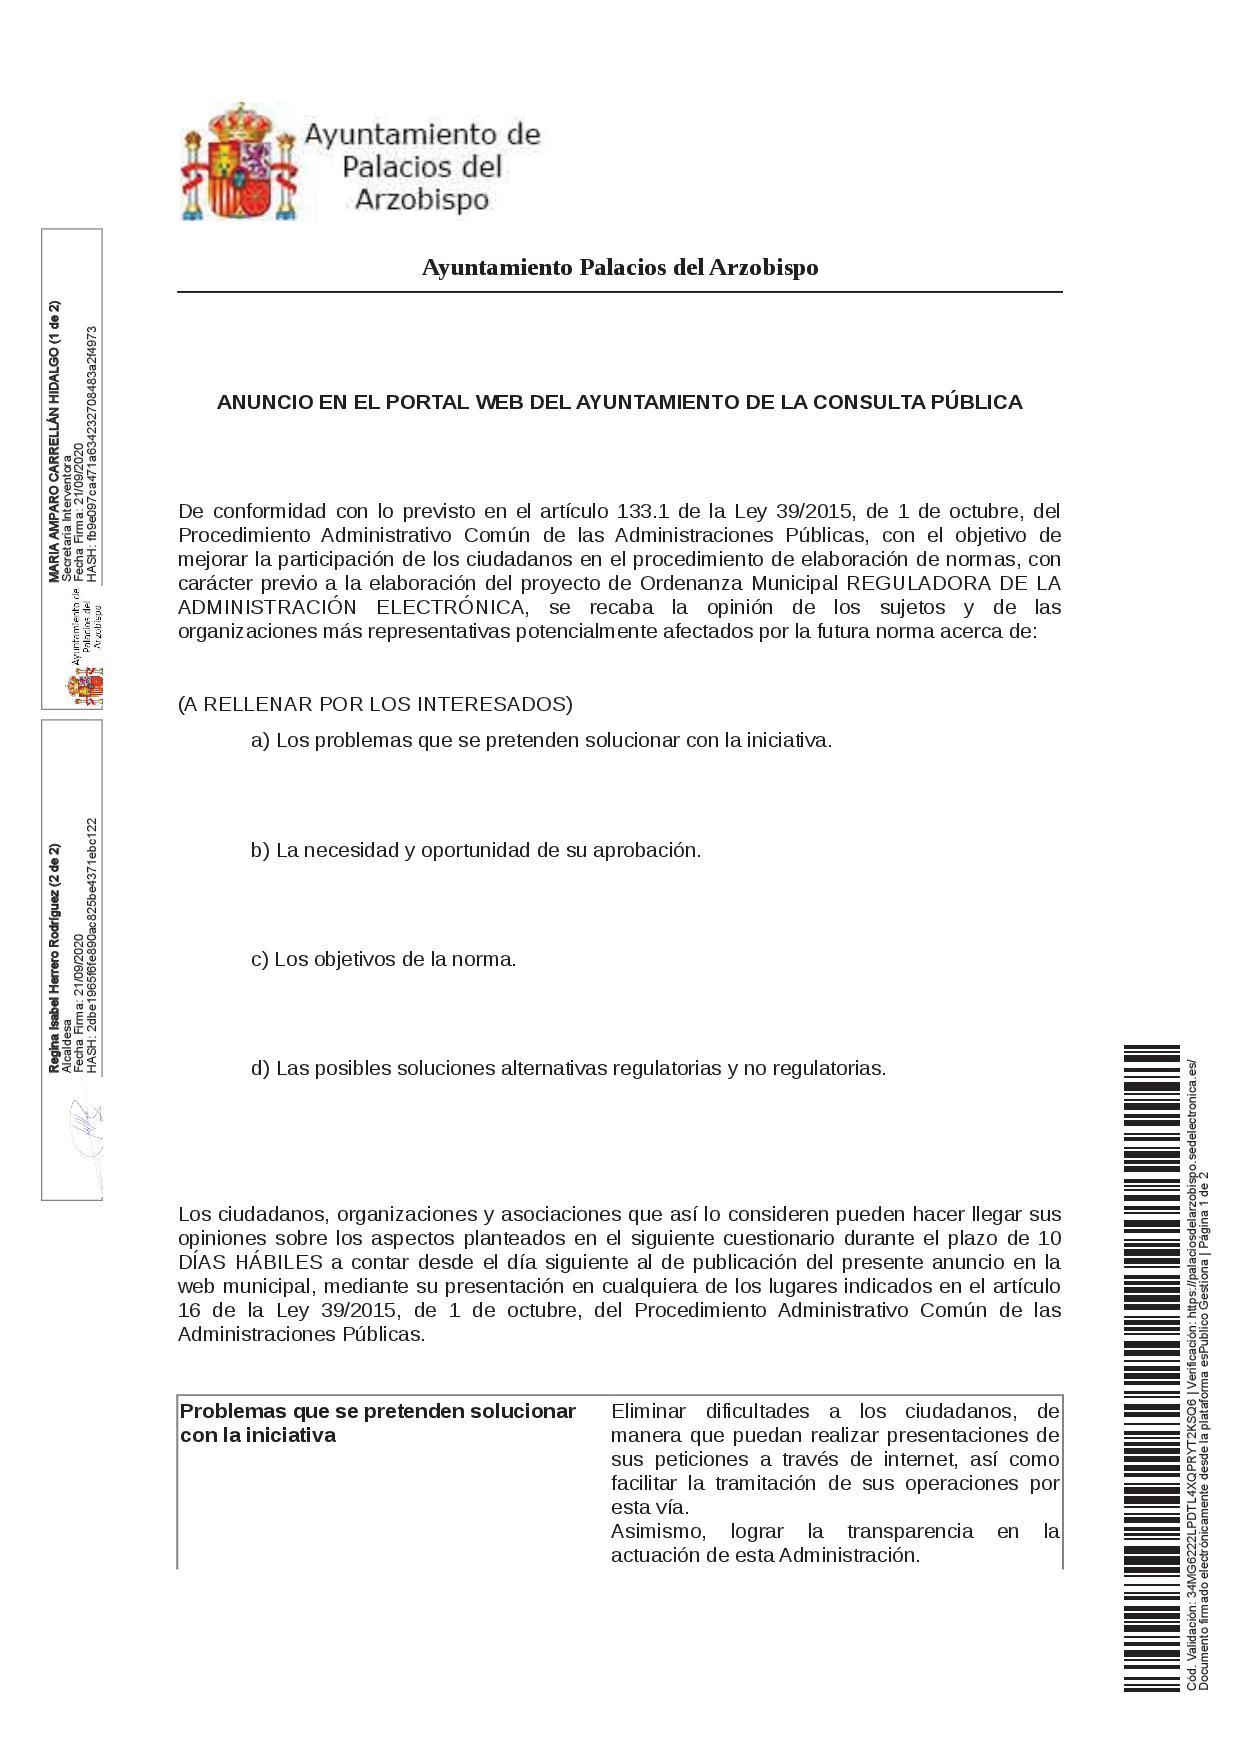 Proyecto de Ordenanza Municipal Reguladora de la Administración Electrónica